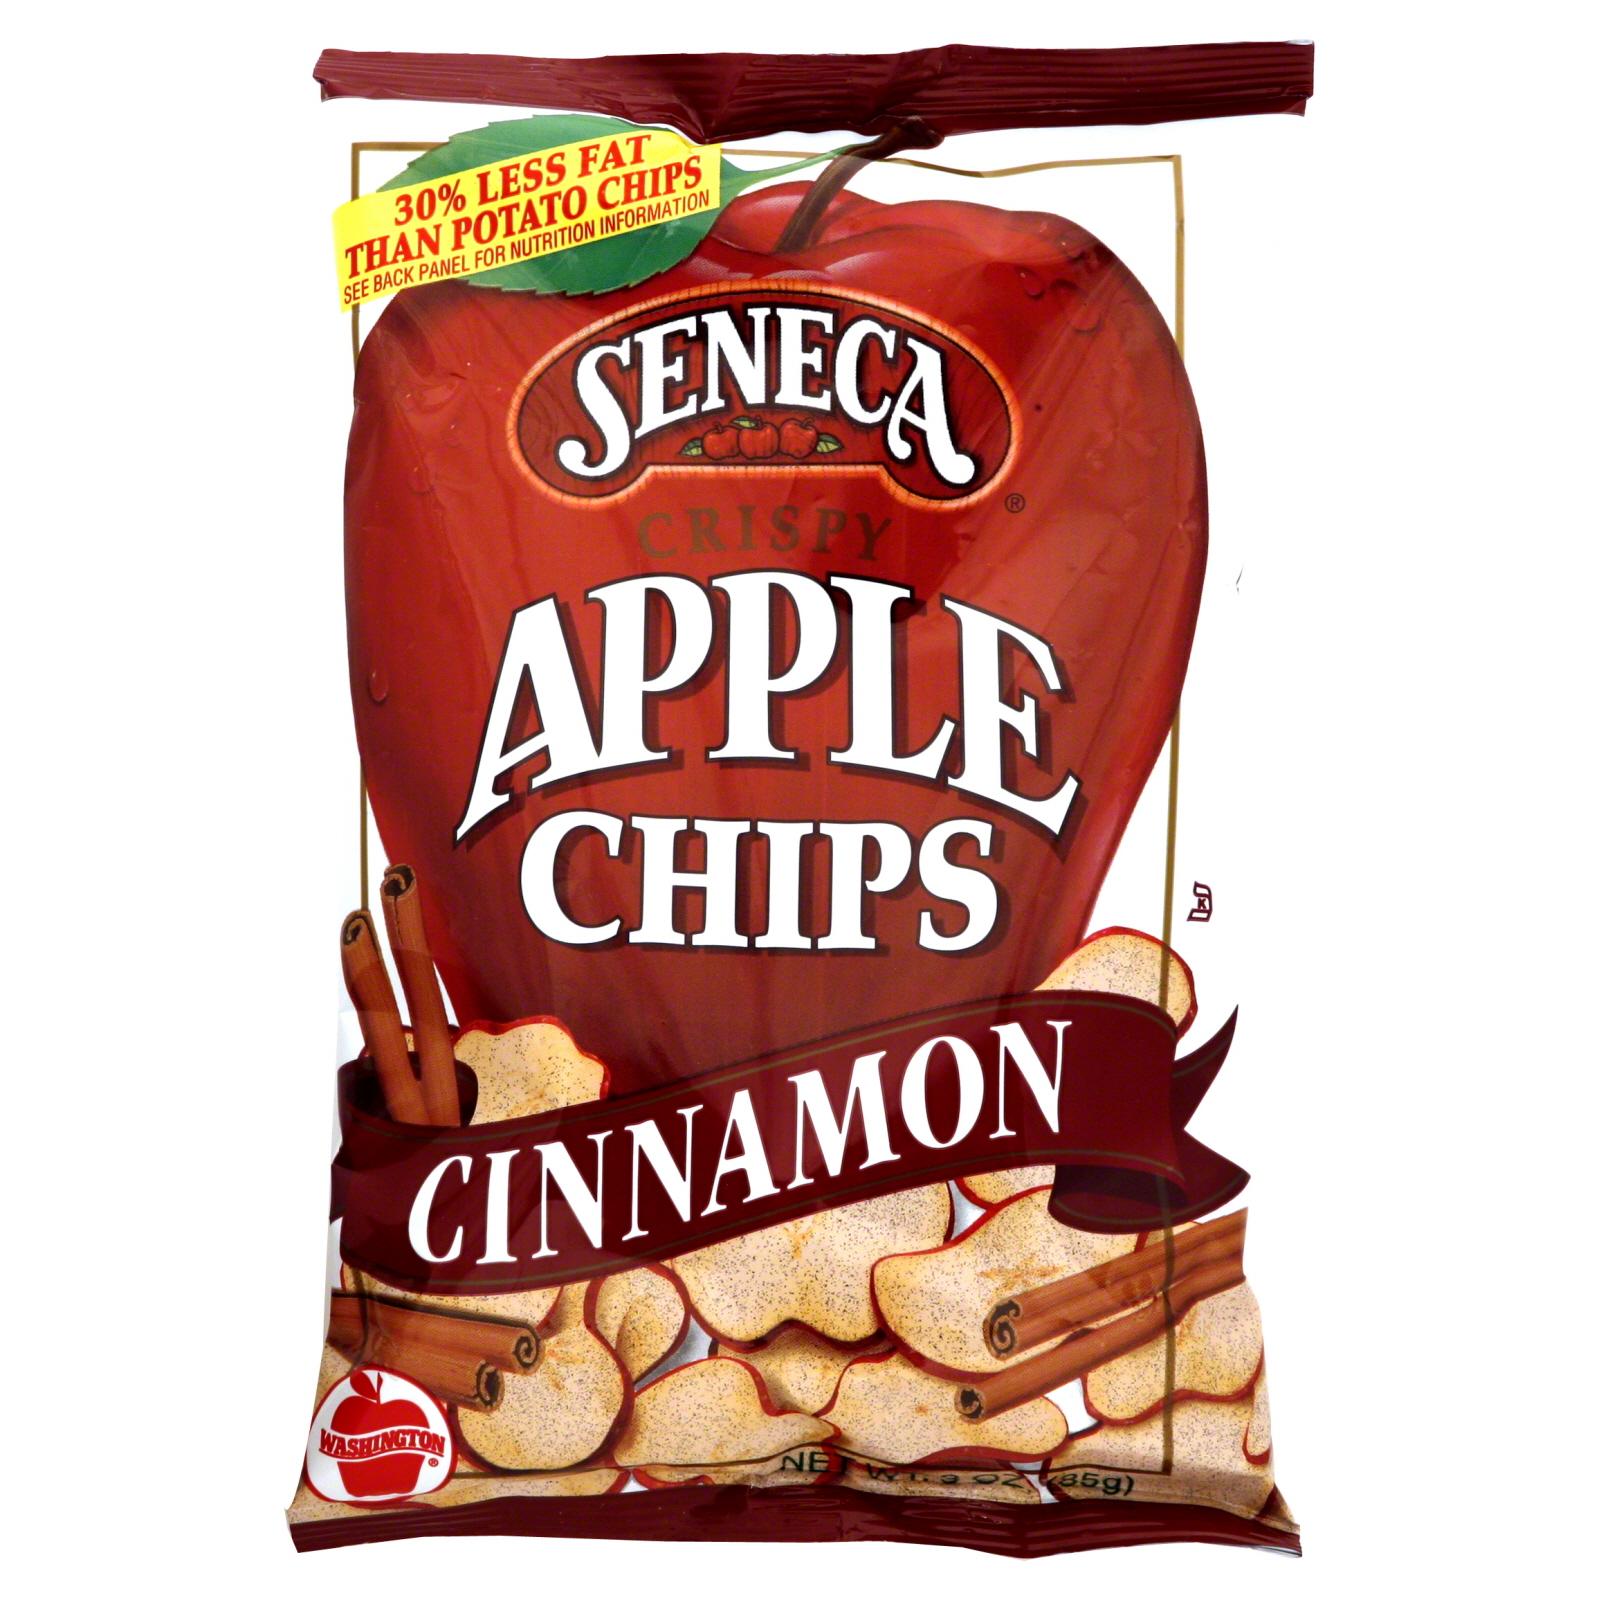 Seneca Crispy Cinnamon Apple Chips 25 OZ PEG Food